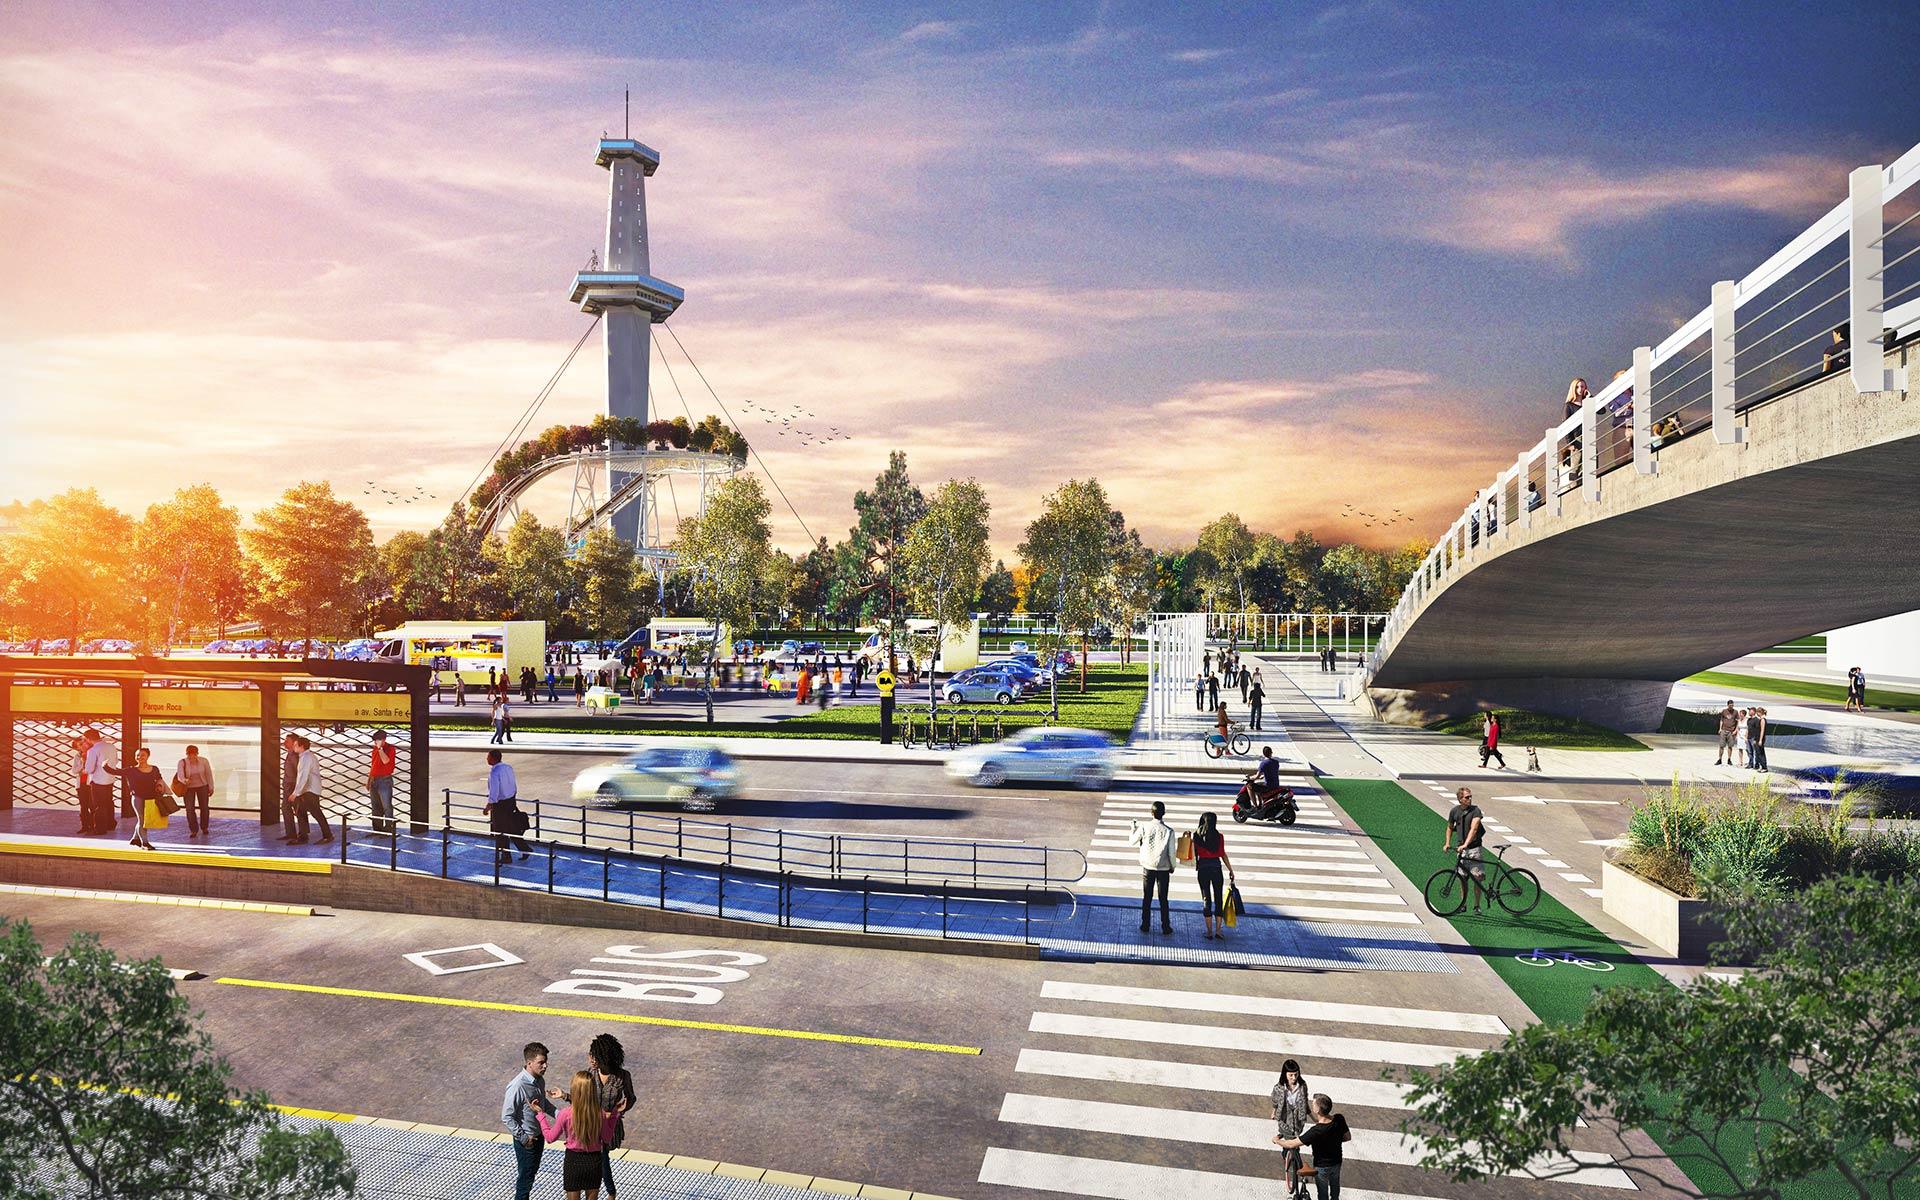 Arquitectura y Paisaje Premio Parque de la Ciudad Conexion peatonal y en bicisenda entre el parque Roca y el Parque de la Ciudad torre espacial de fondo